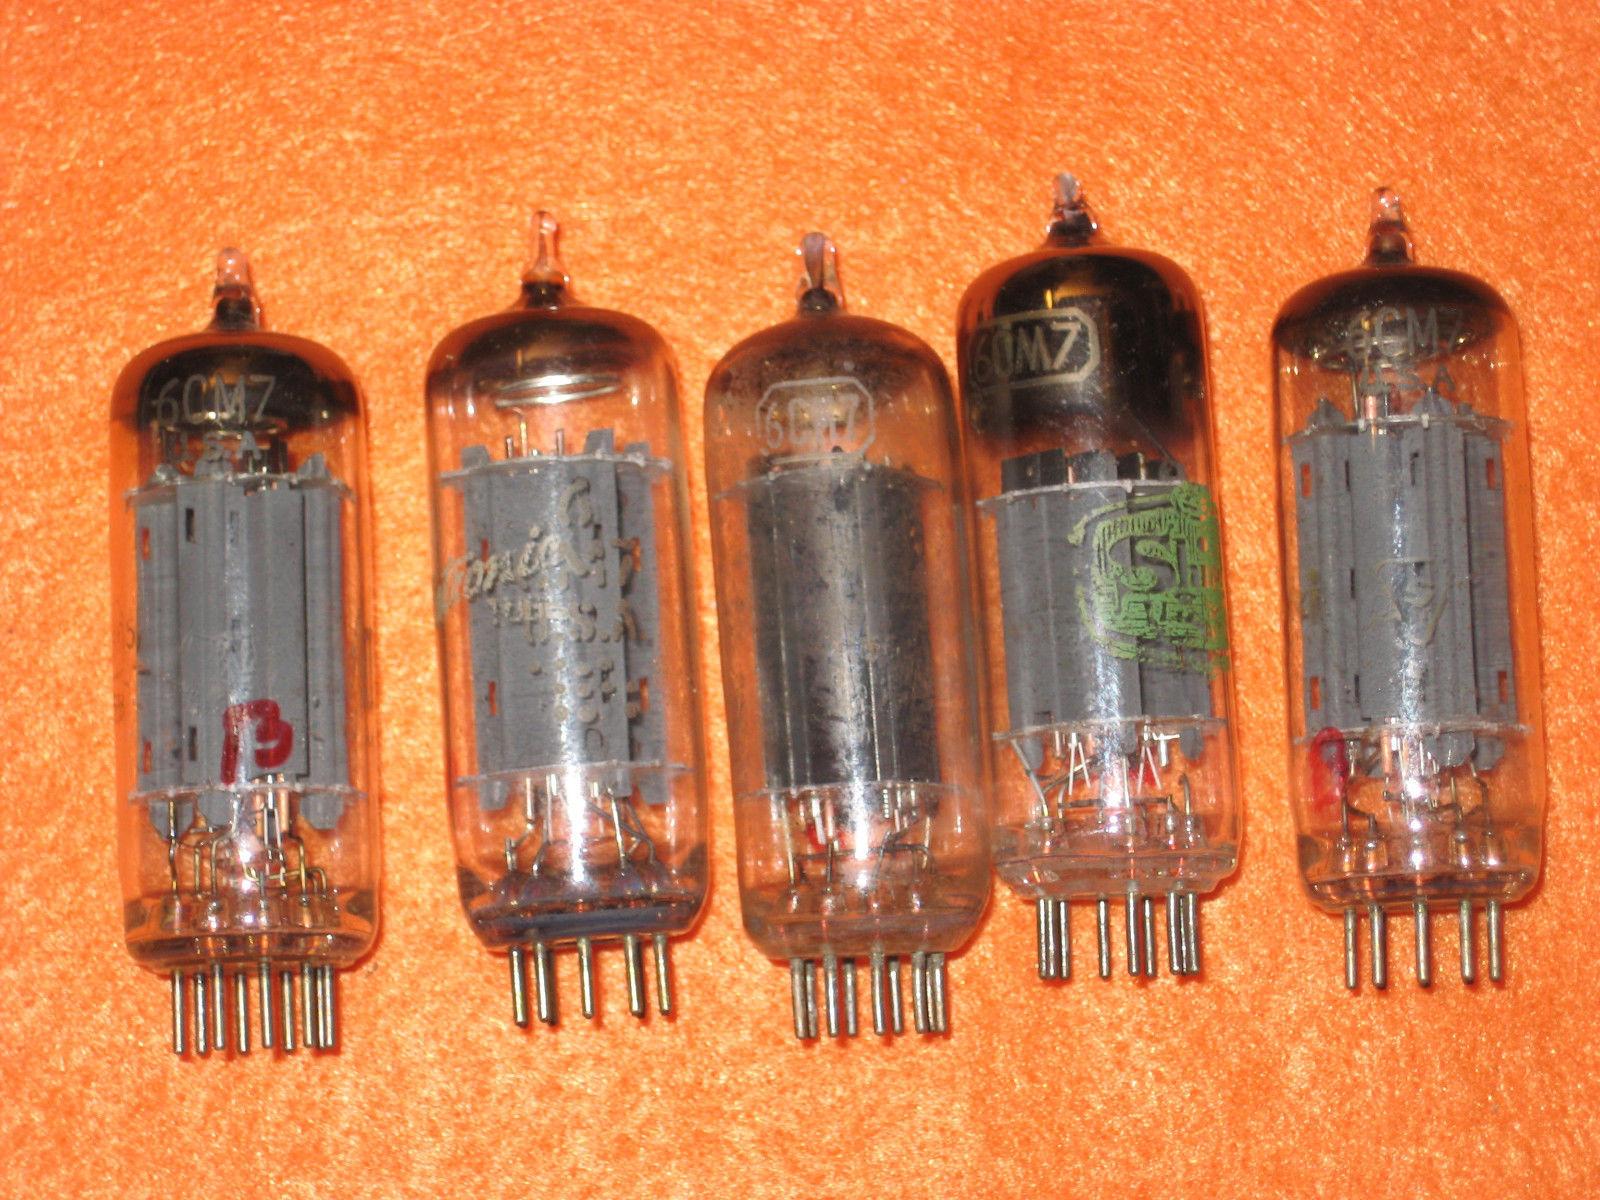 Vintage Radio Vacuum Tube (one): 6CM7 - Tested Good